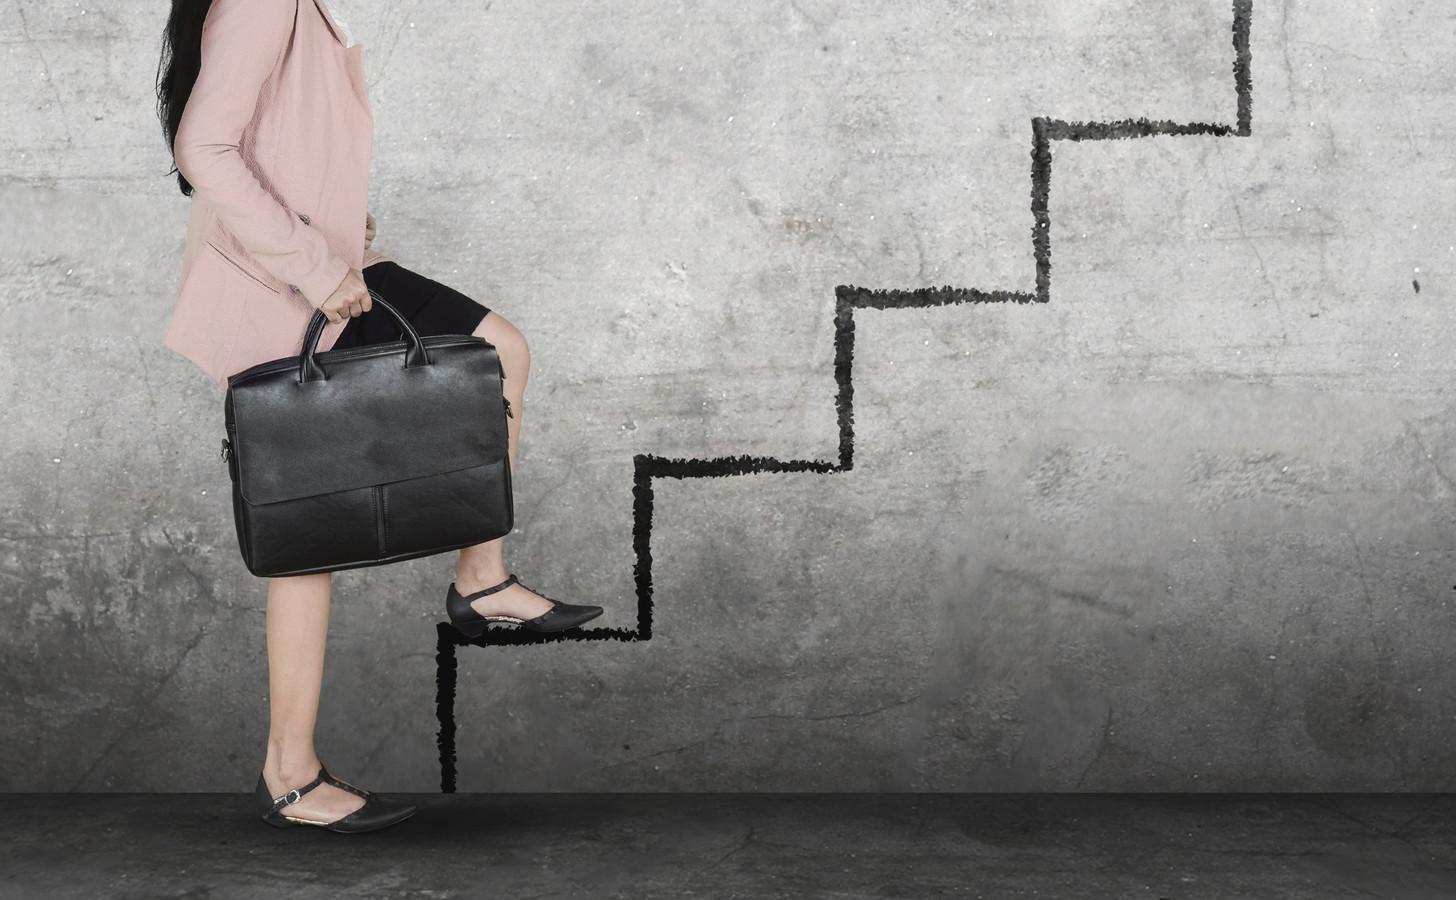 Bedrijven in Zuidoost-Brabant scoren slecht als het gaat om vrouwen in de top.